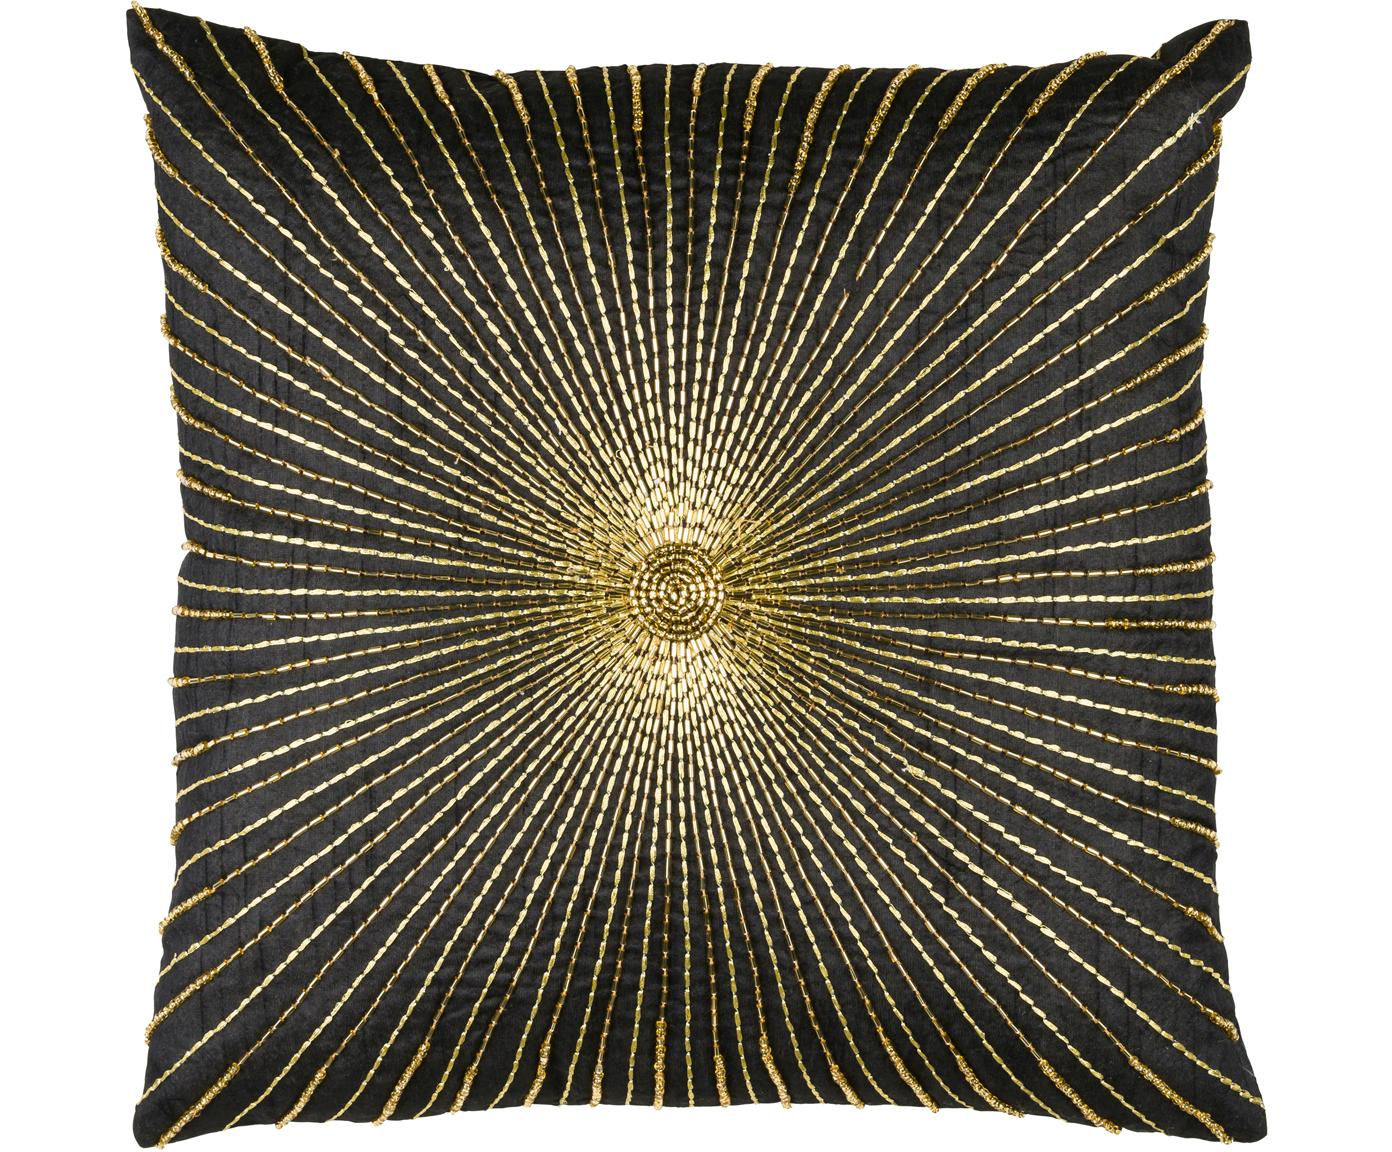 Kussenhoes Sunray met borduurwerk, Polyester, Zwart, goudkleurig, 40 x 40 cm